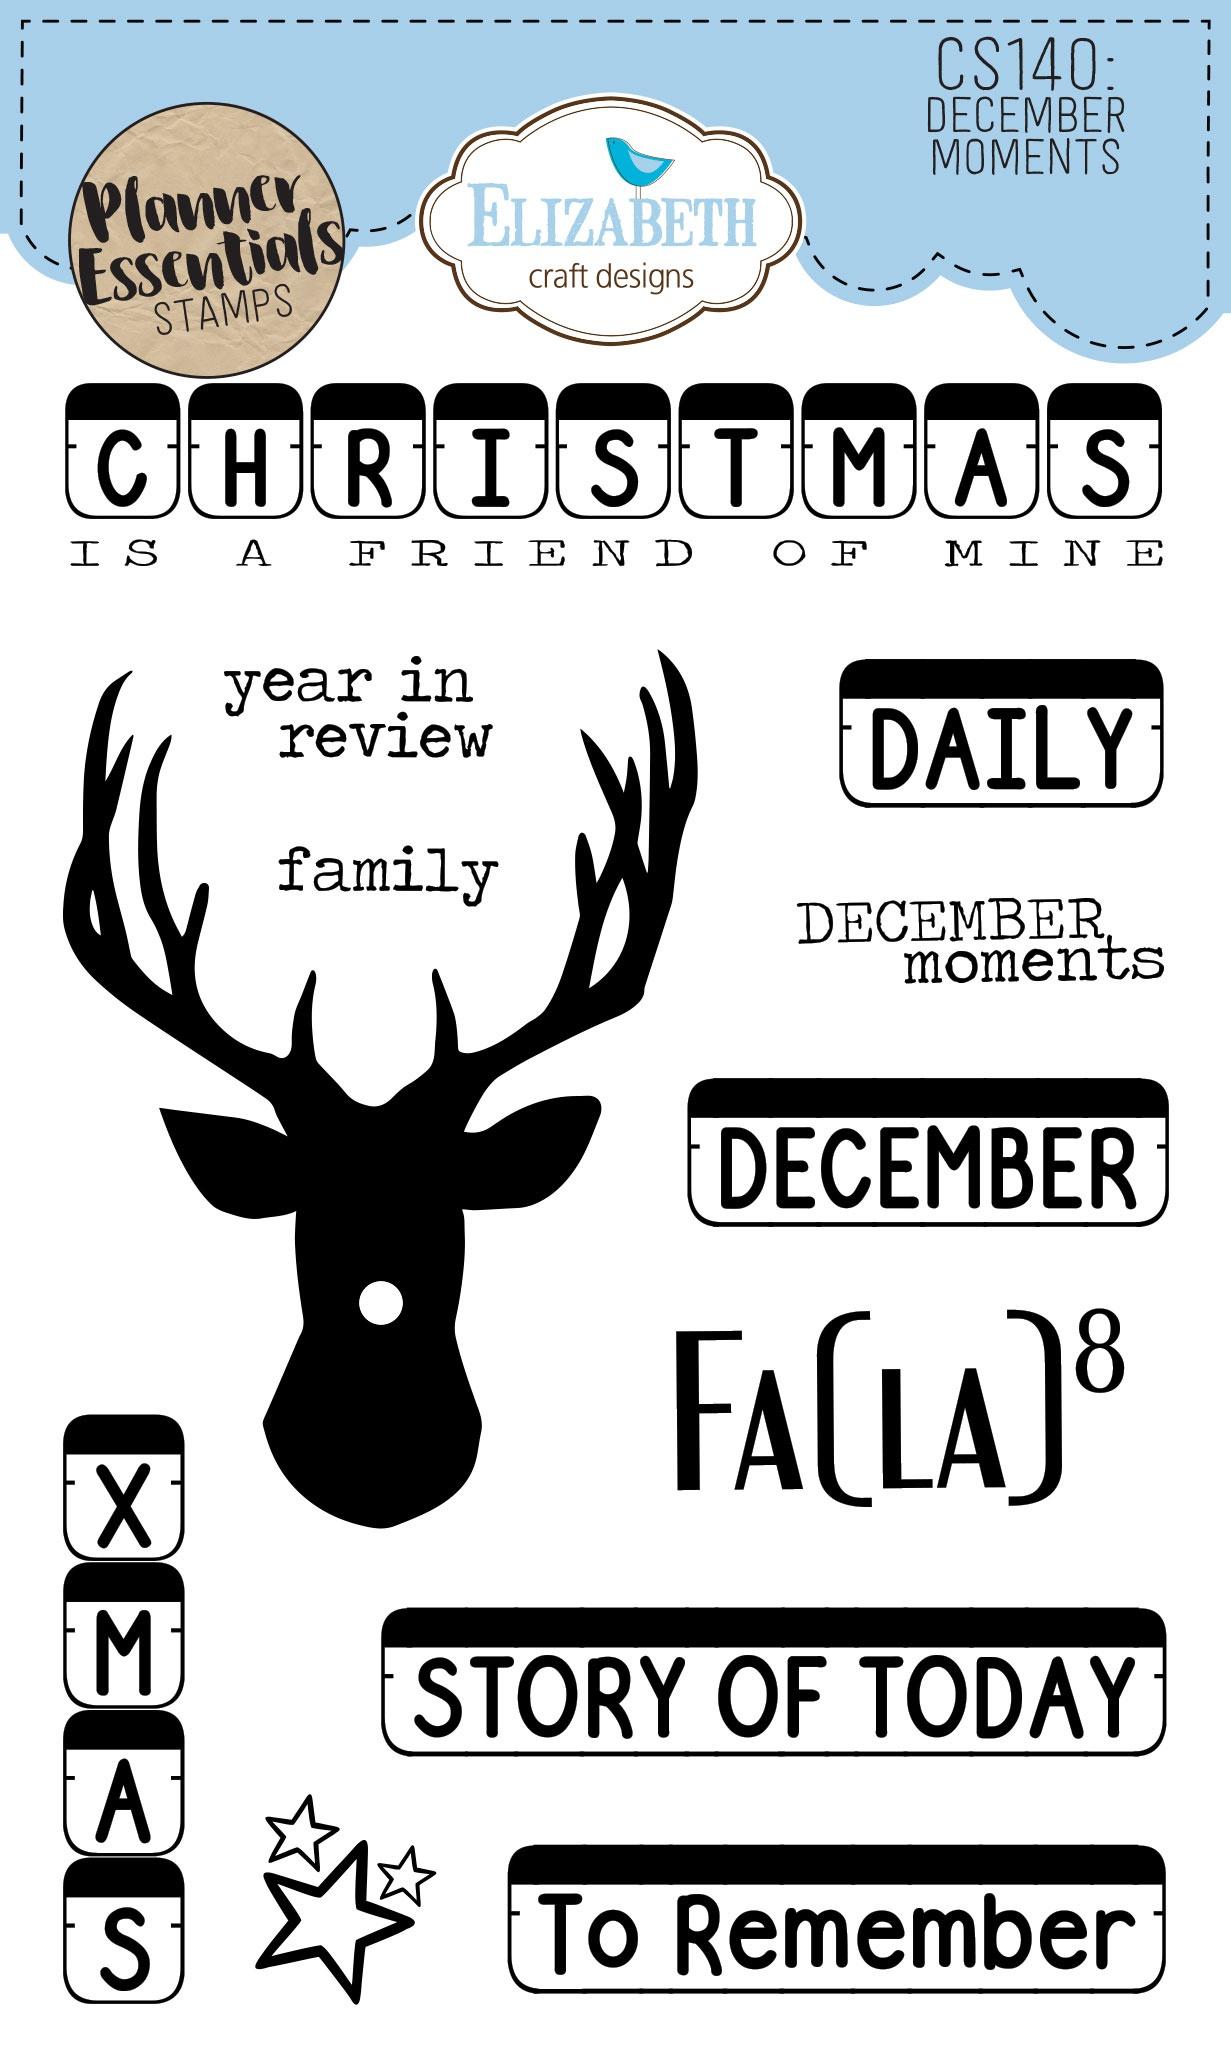 EC - December Moments Stamp Set